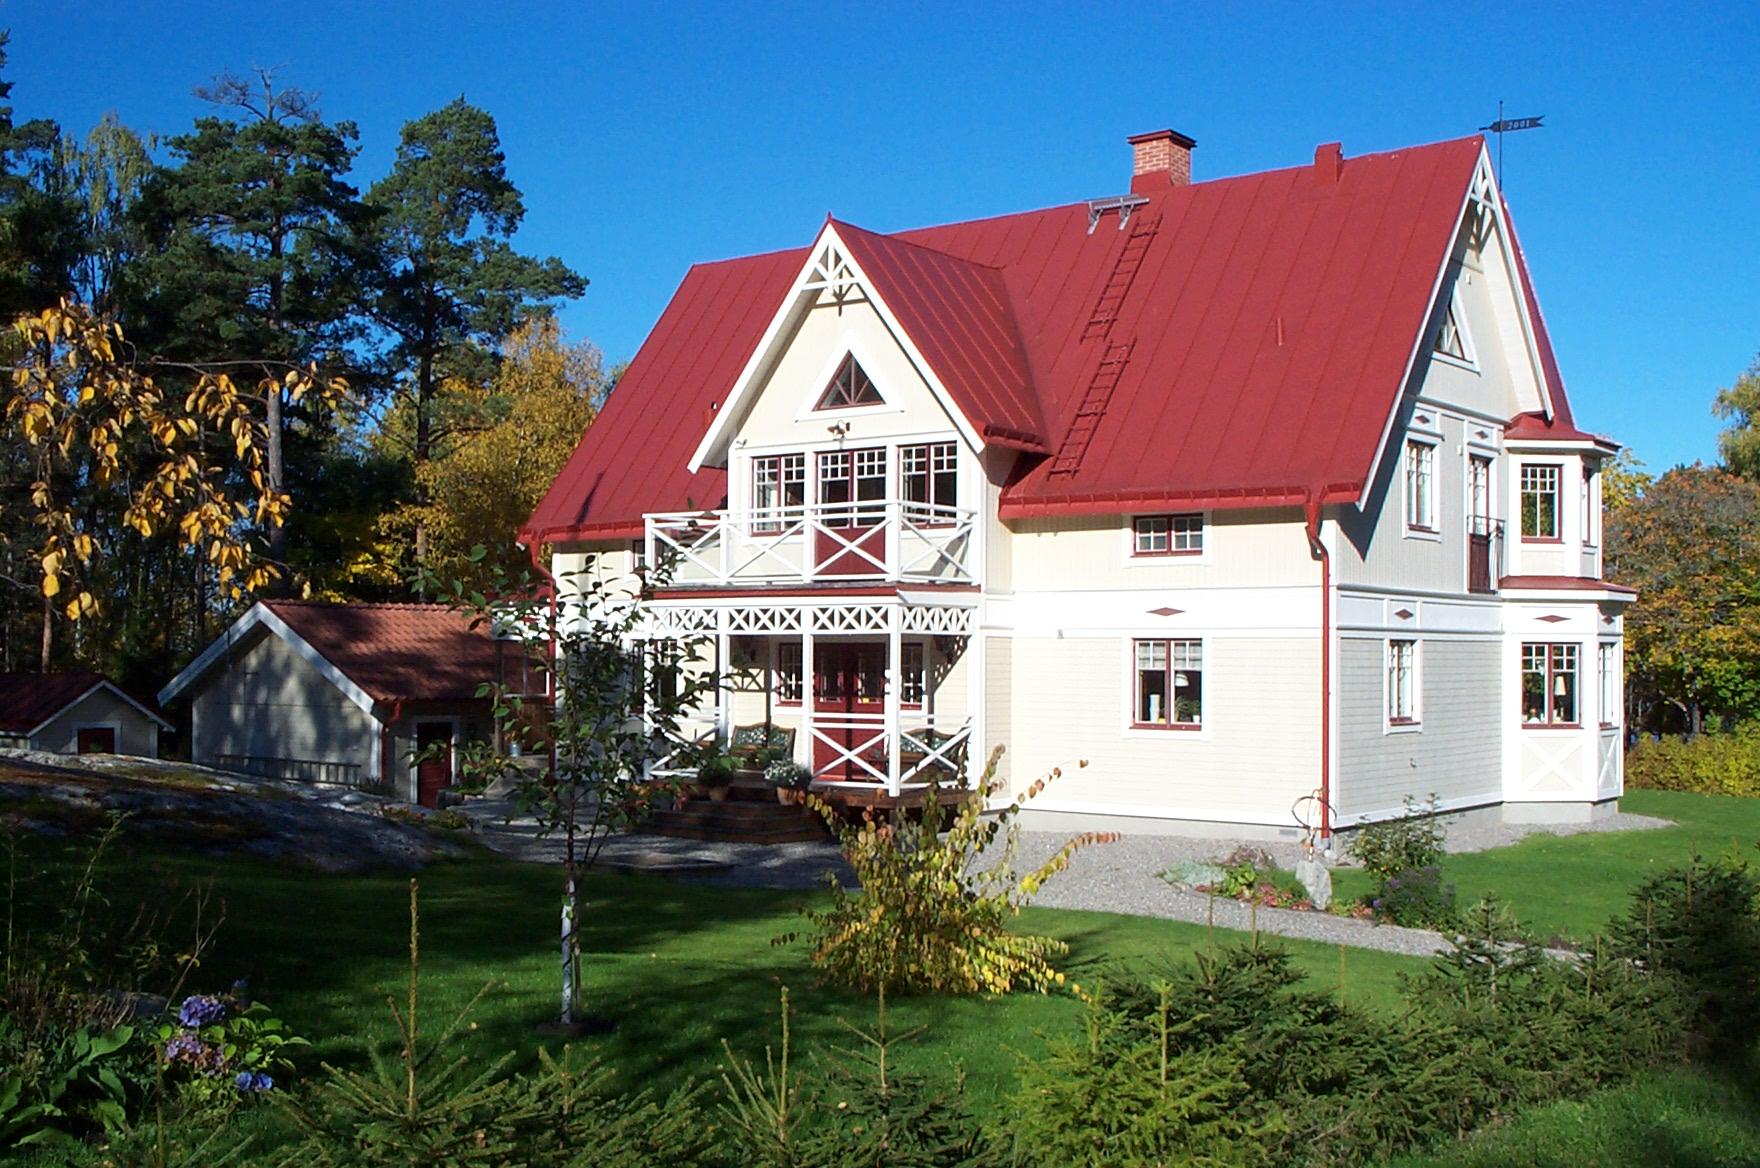 Casa de color blanco en Sala, Suecia Foto: Israel Ubeda / sweetsweden.com